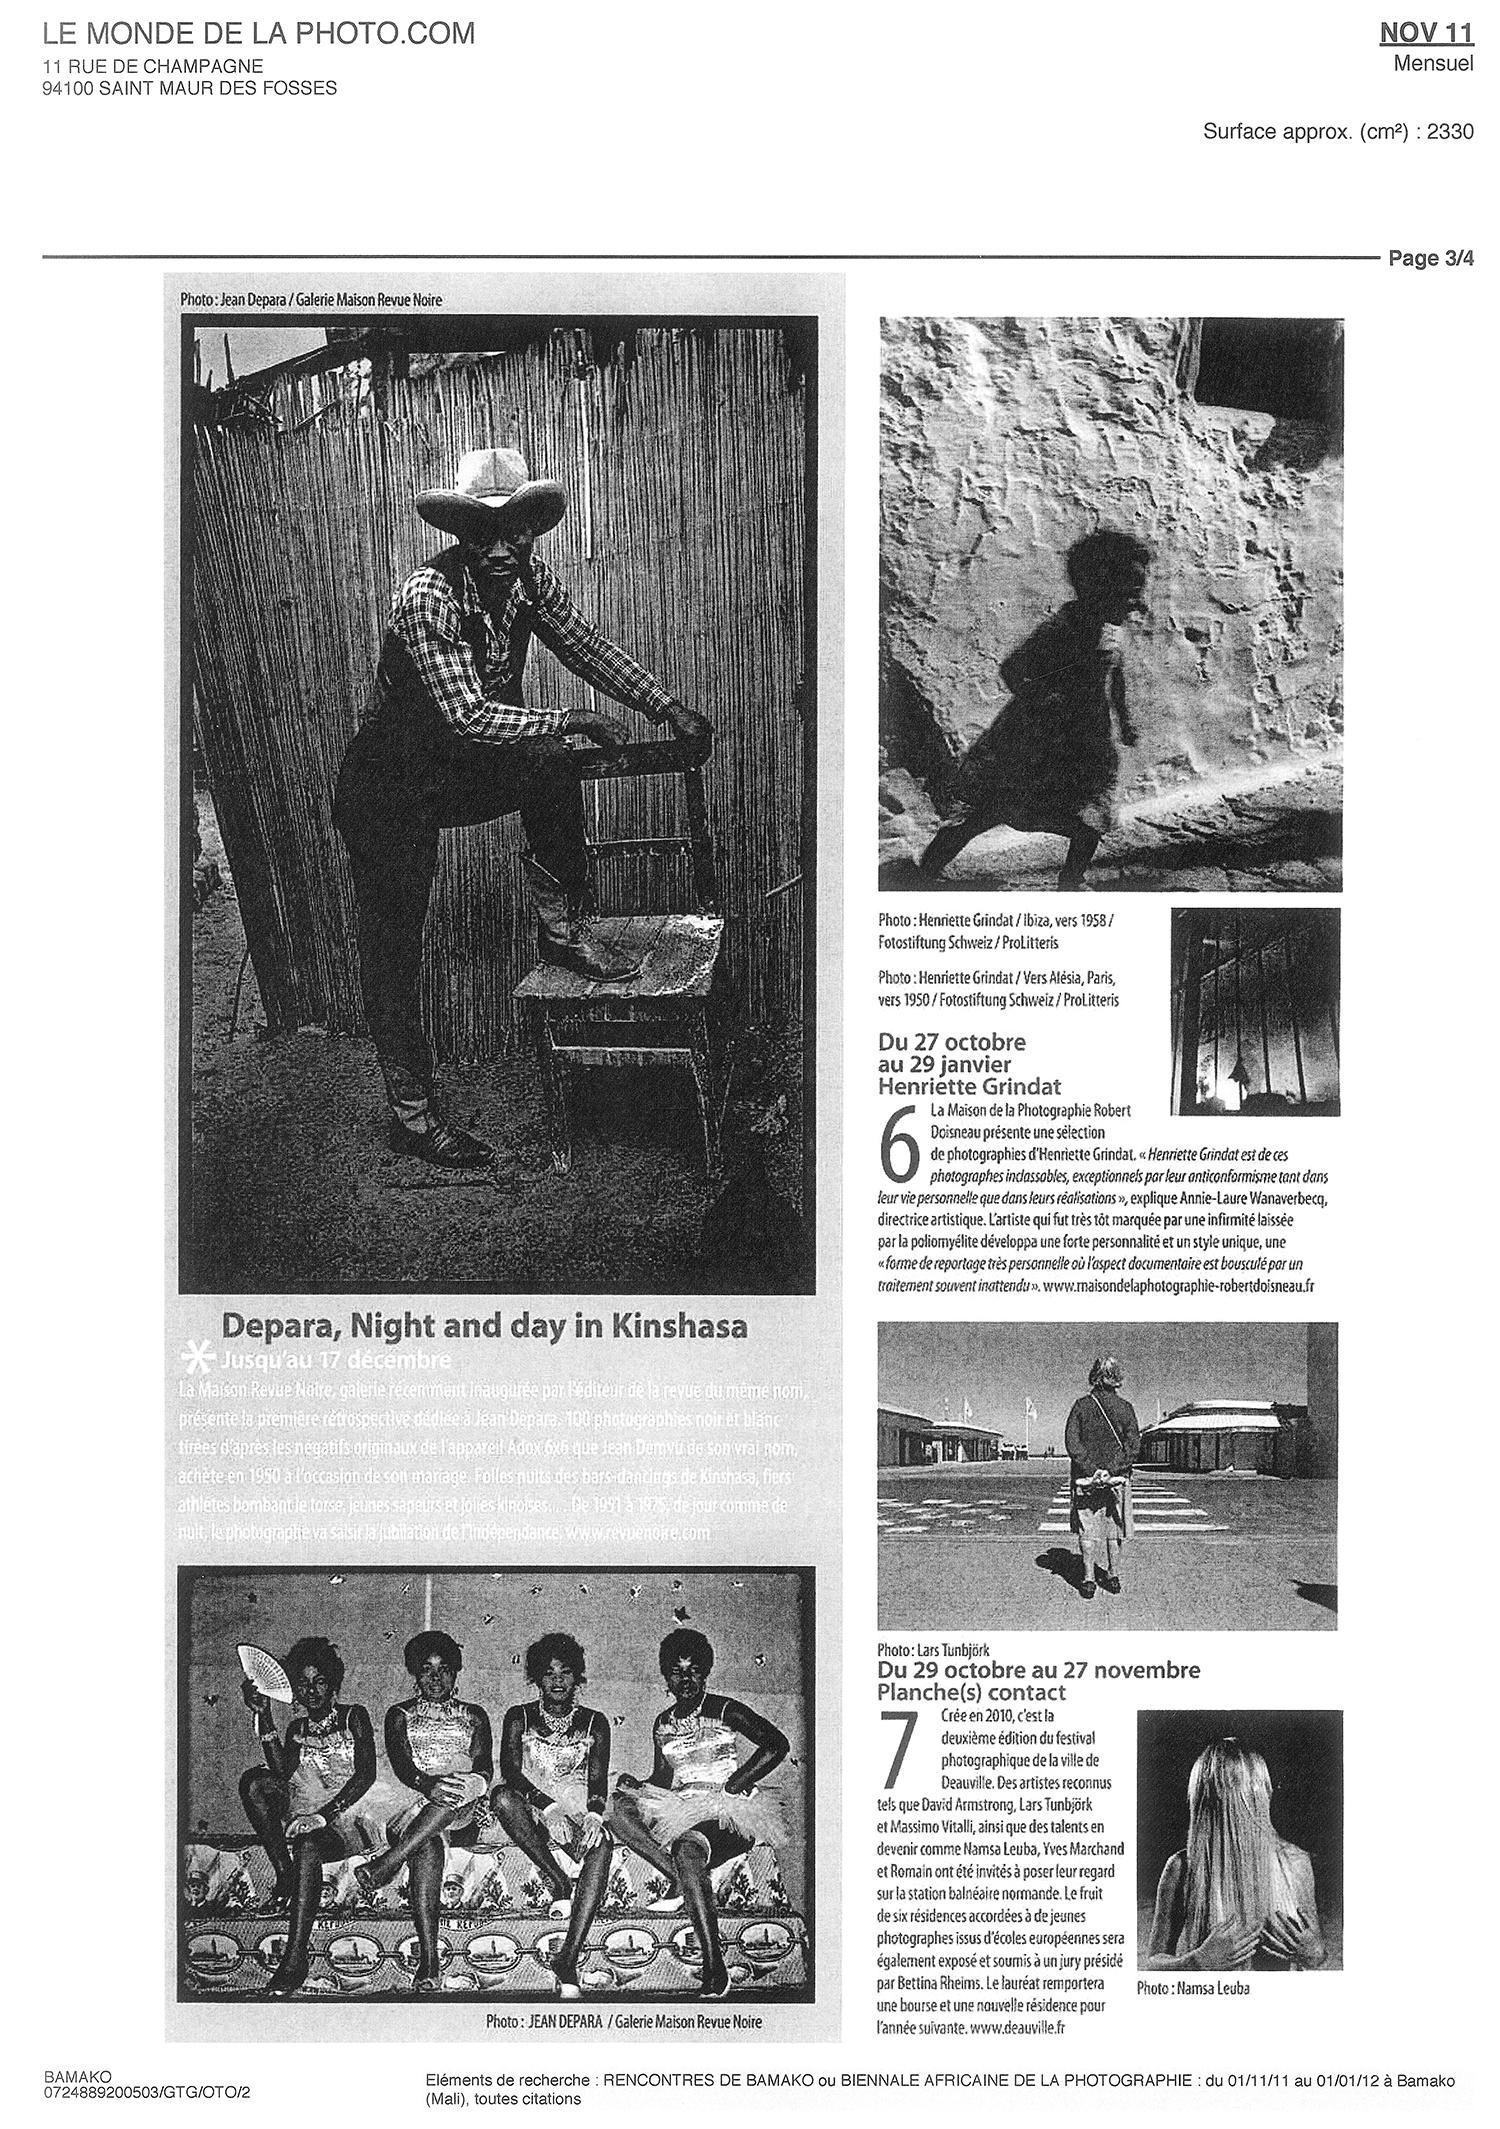 Revue Noire revue de presse, Le Monde nov 2011: Depara, Night and Day in Kinshasa, livre et expo